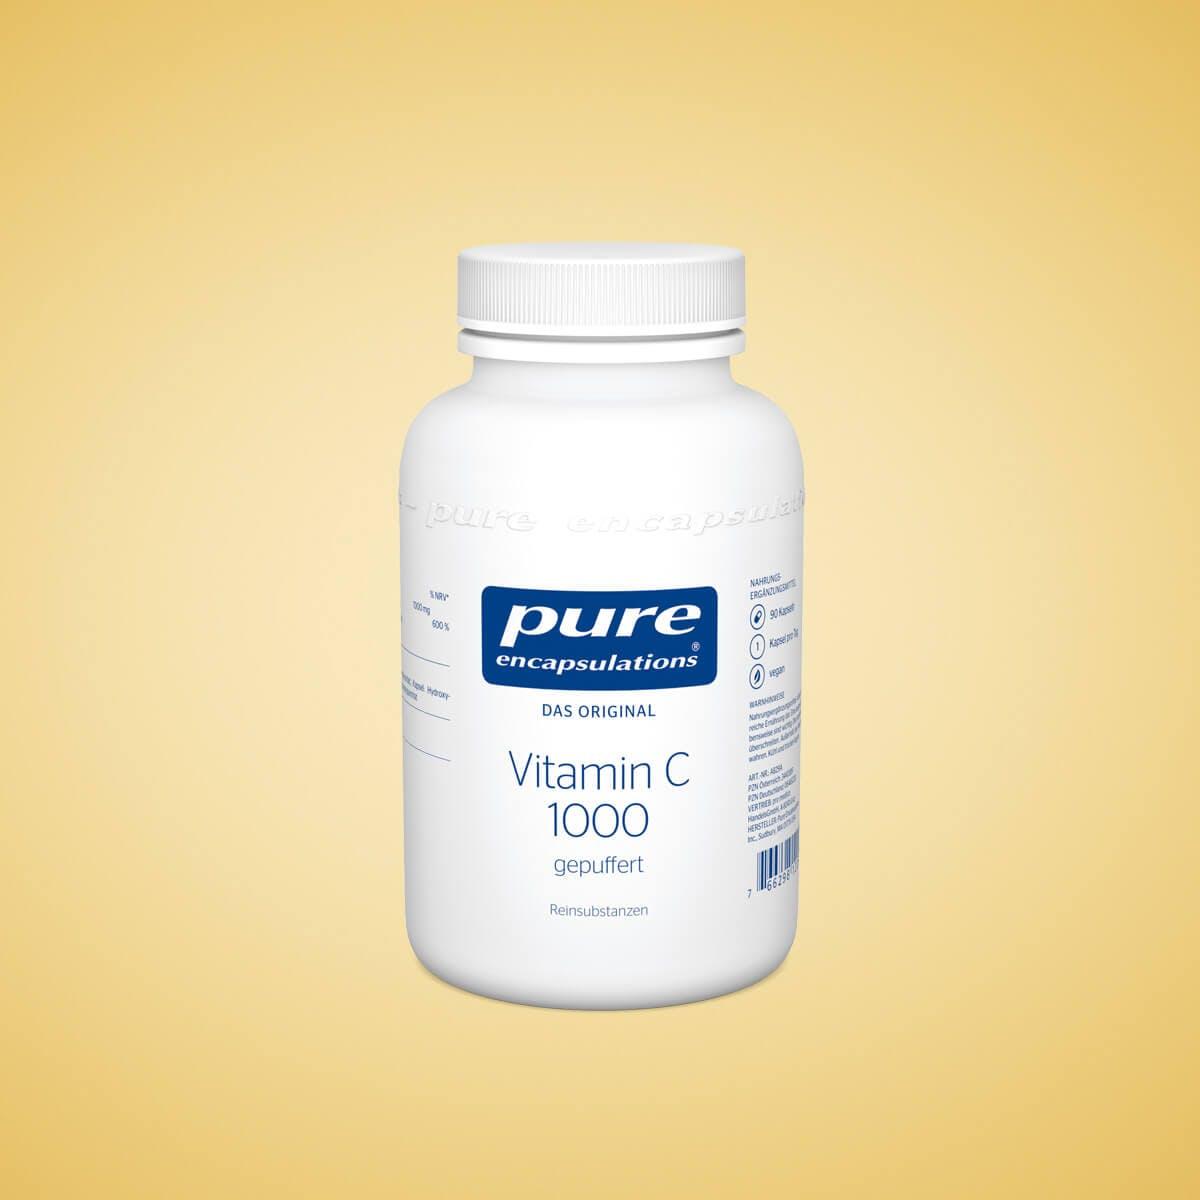 Vitamin C - Der Allrounder unter den Vitaminen - Vitamin C 1000 gepuffert - ideal für sensible Personen